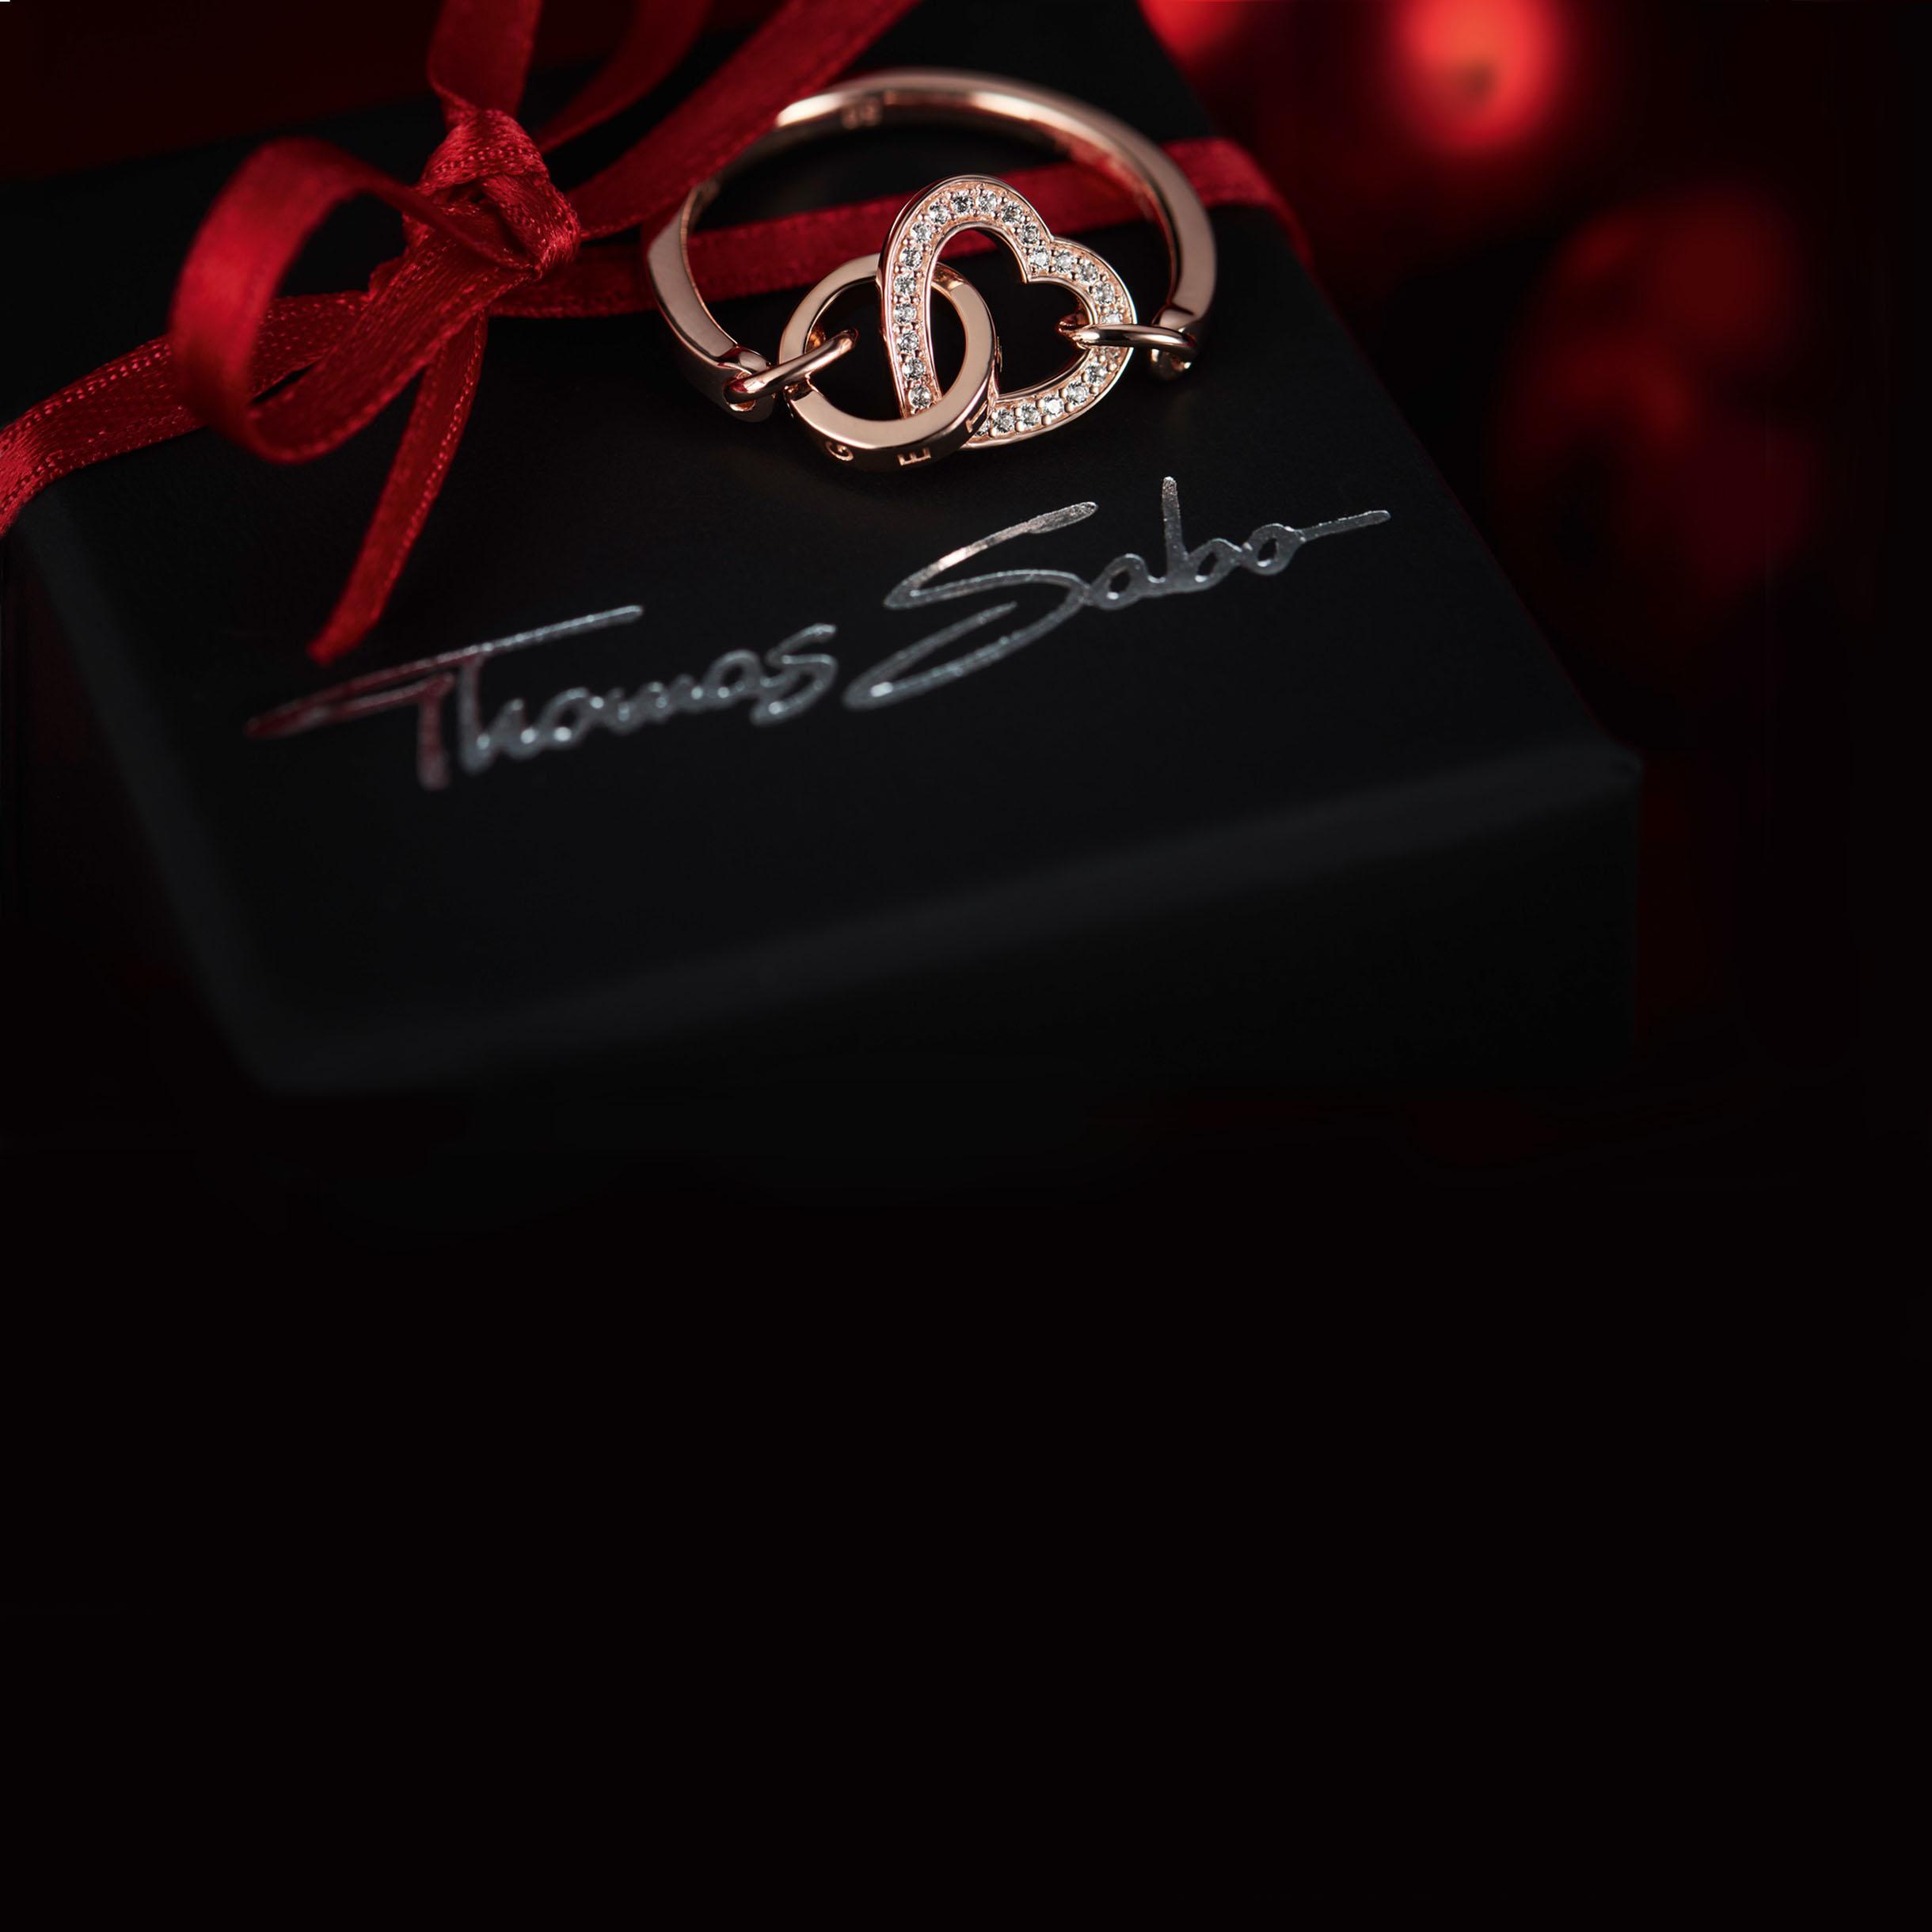 Exclusive Weihnachtsgeschenke  Schmuck  Uhren  THOMAS SABO